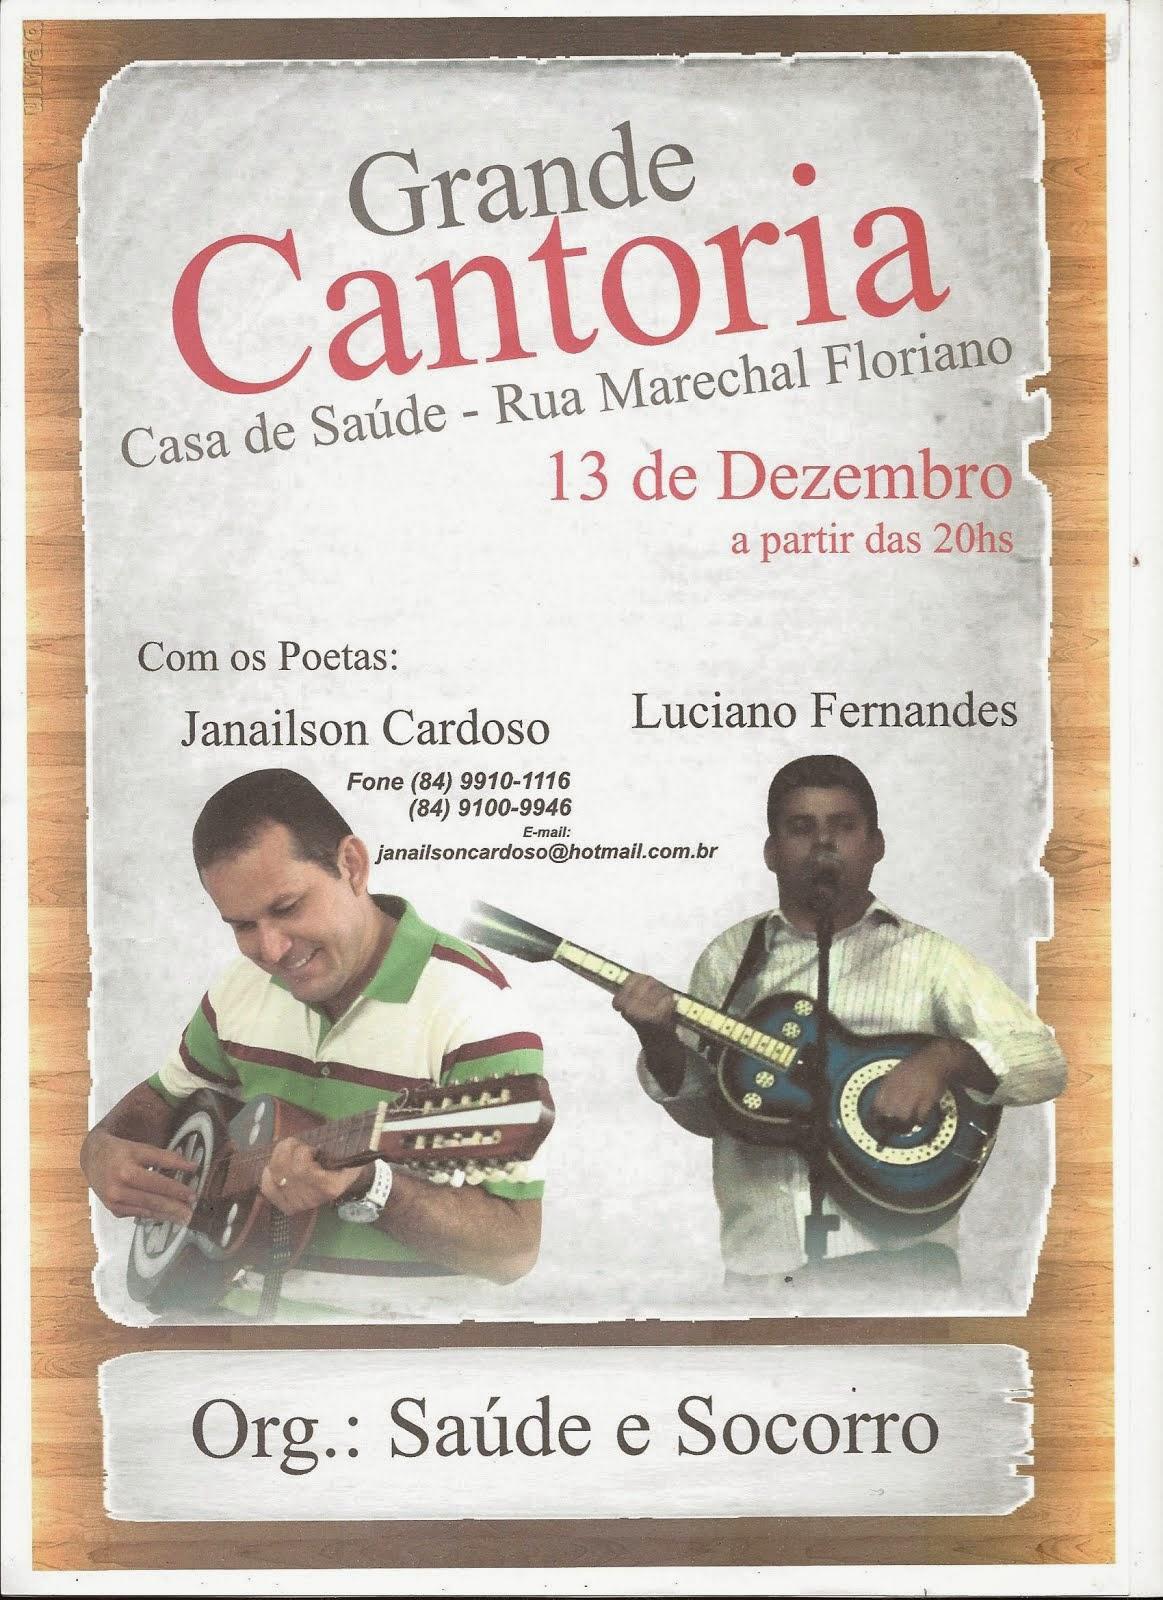 CONVITE DE CANTORIA!